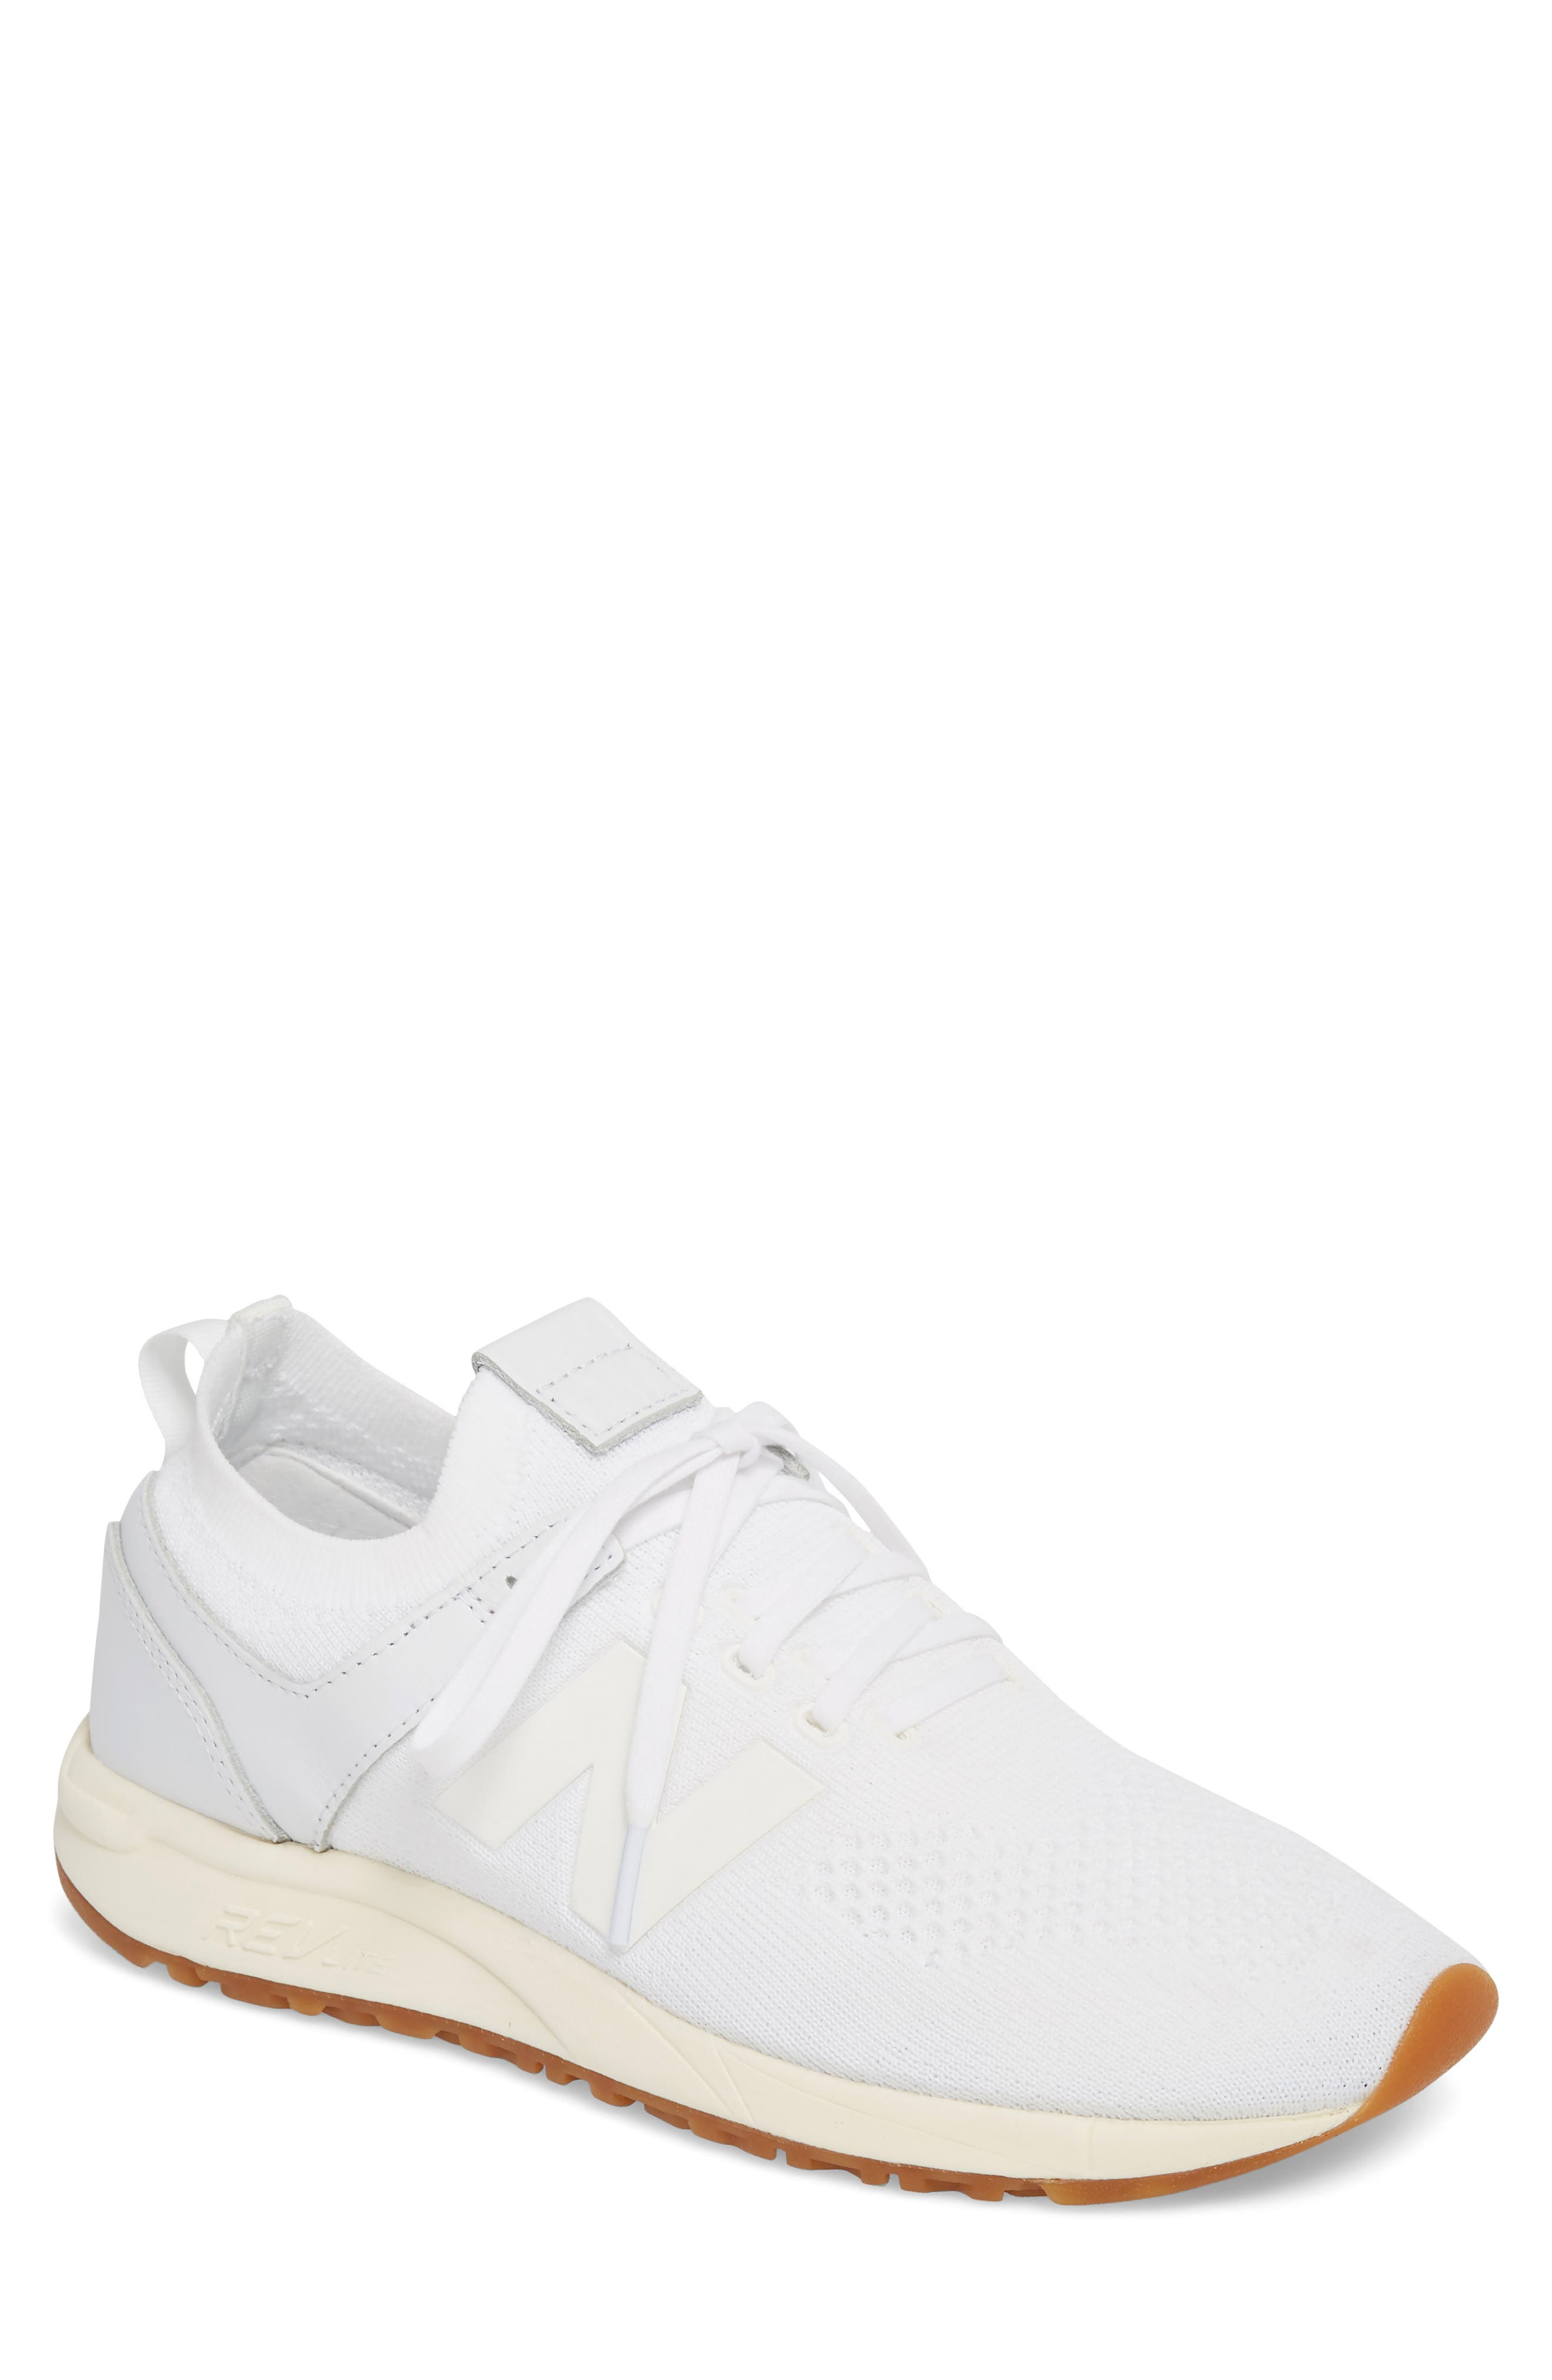 247 Decon Knit Sneaker,                         Main,                         color, WHITE